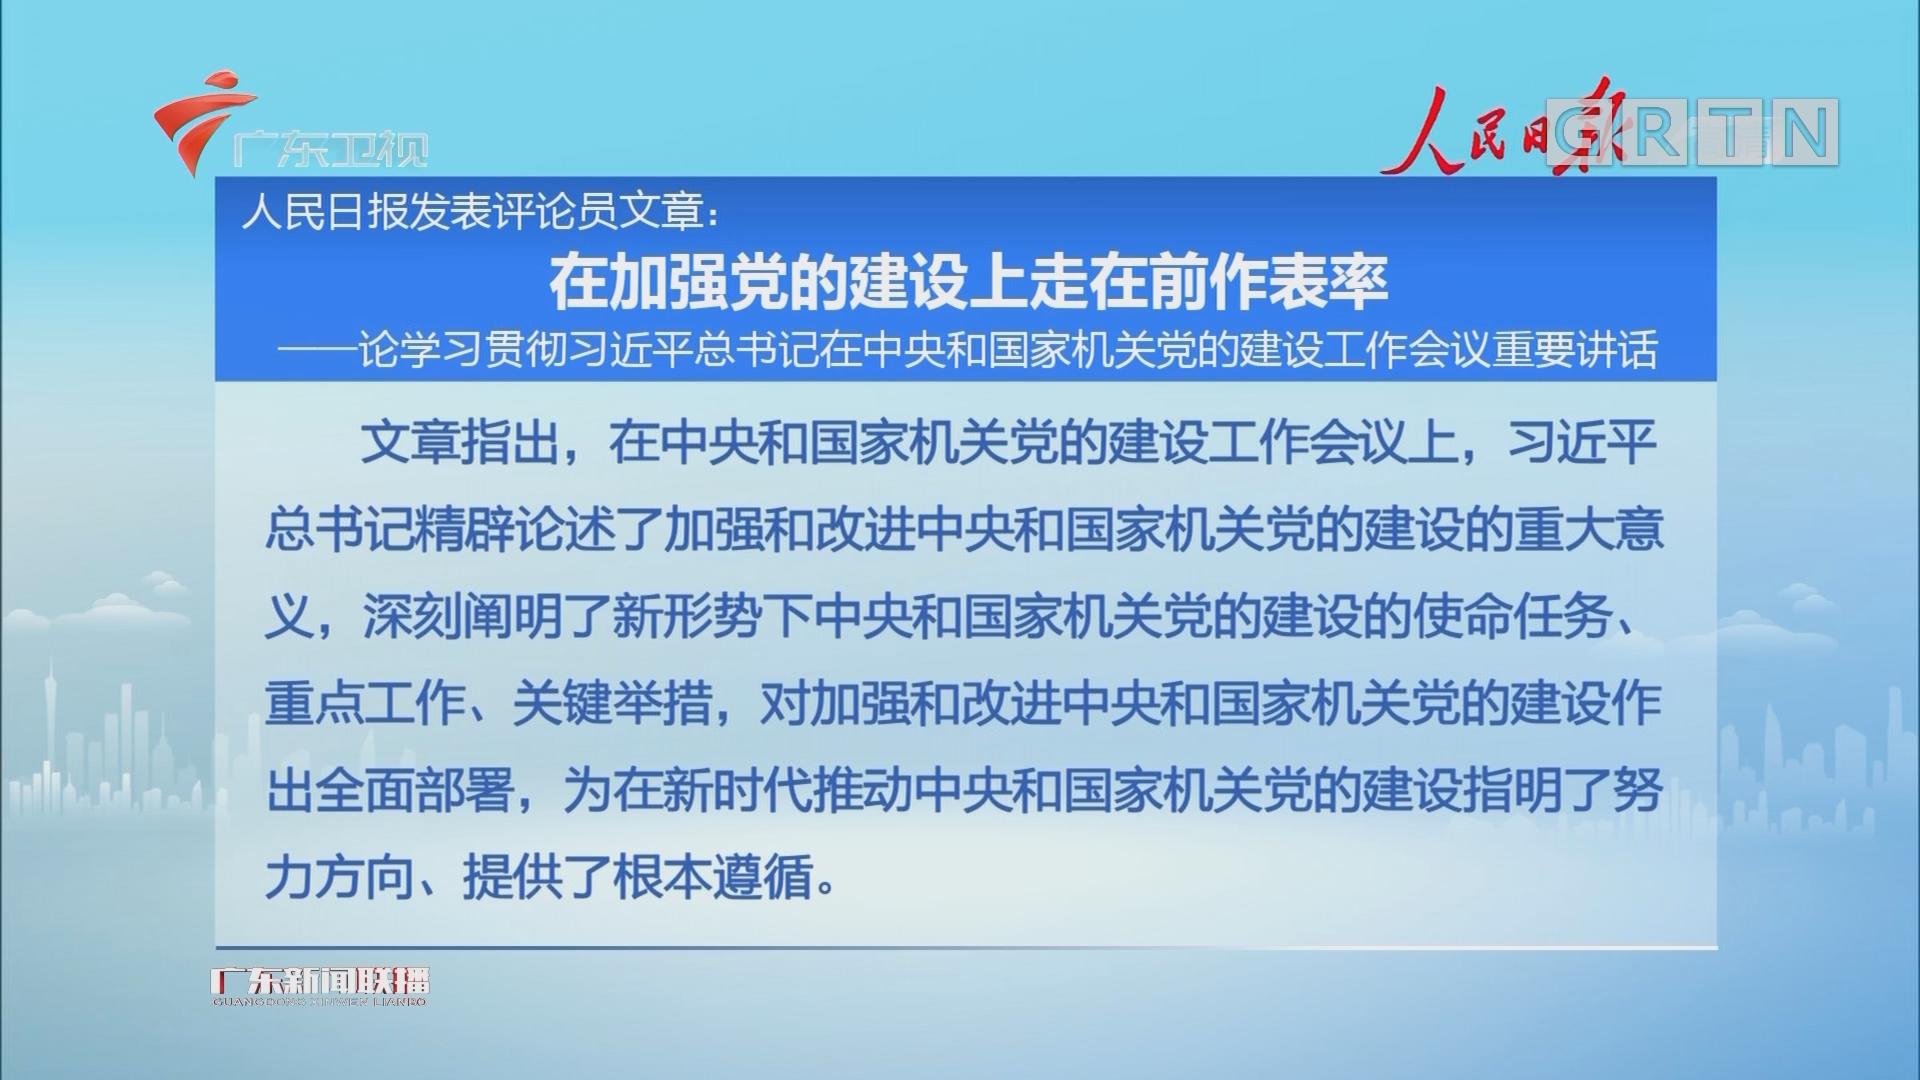 人民日报发表评论员文章:在加强党的建设上走在前作表率